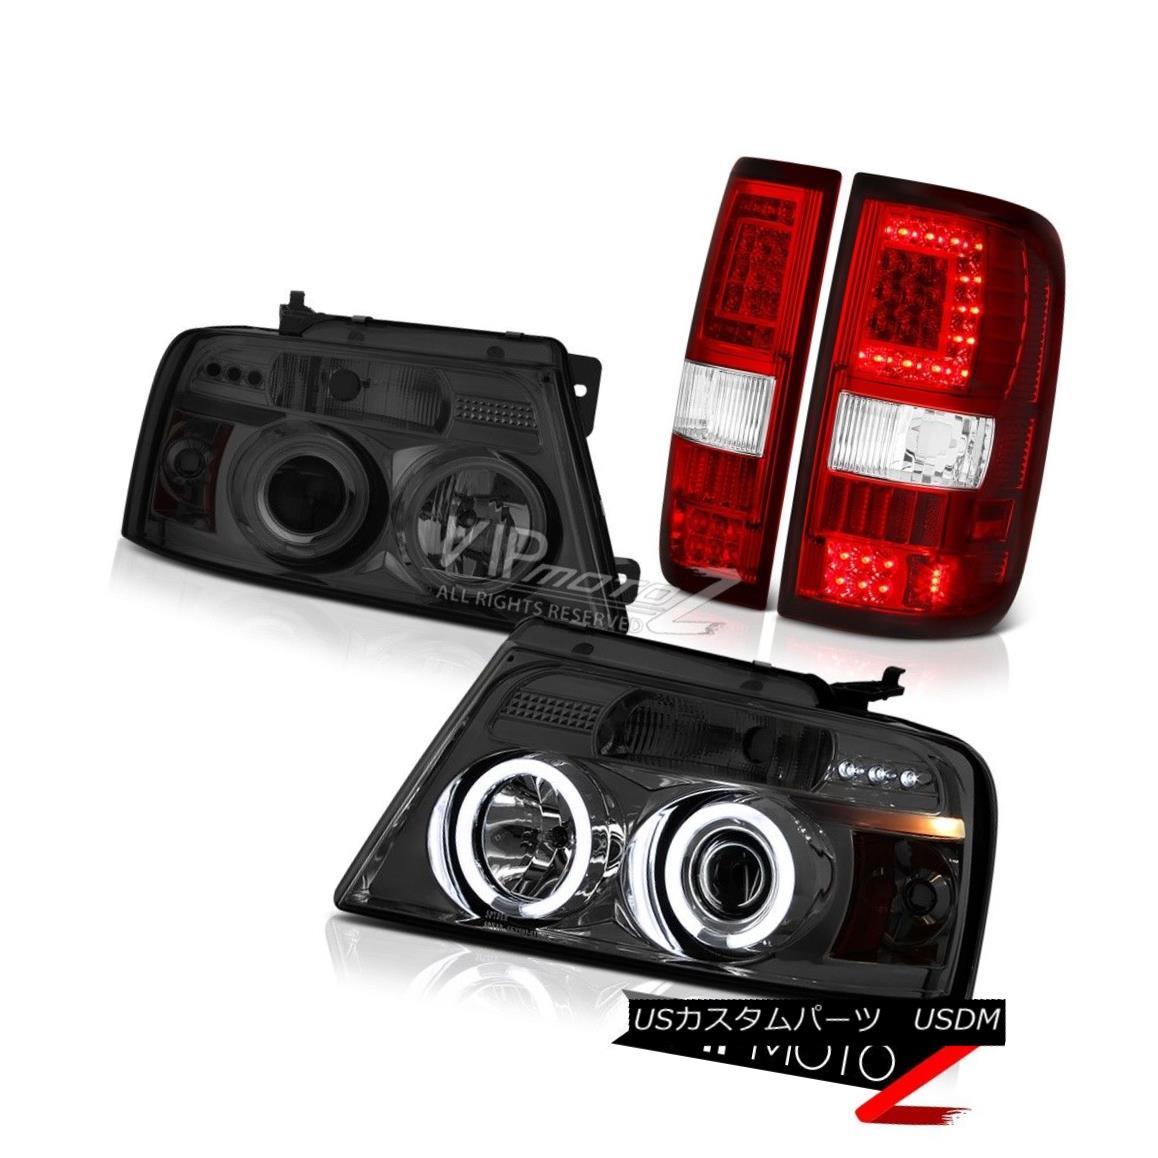 Tail 07 ヘッドライト Neon 05 08 Tube Wine 05 07 F150 04 Head Red F-150 04 Smoke Ford 06 F-150ワインレッドネオンチューブテールランプチタンスモークヘッド Titanium Lamps 06 08フォードF150